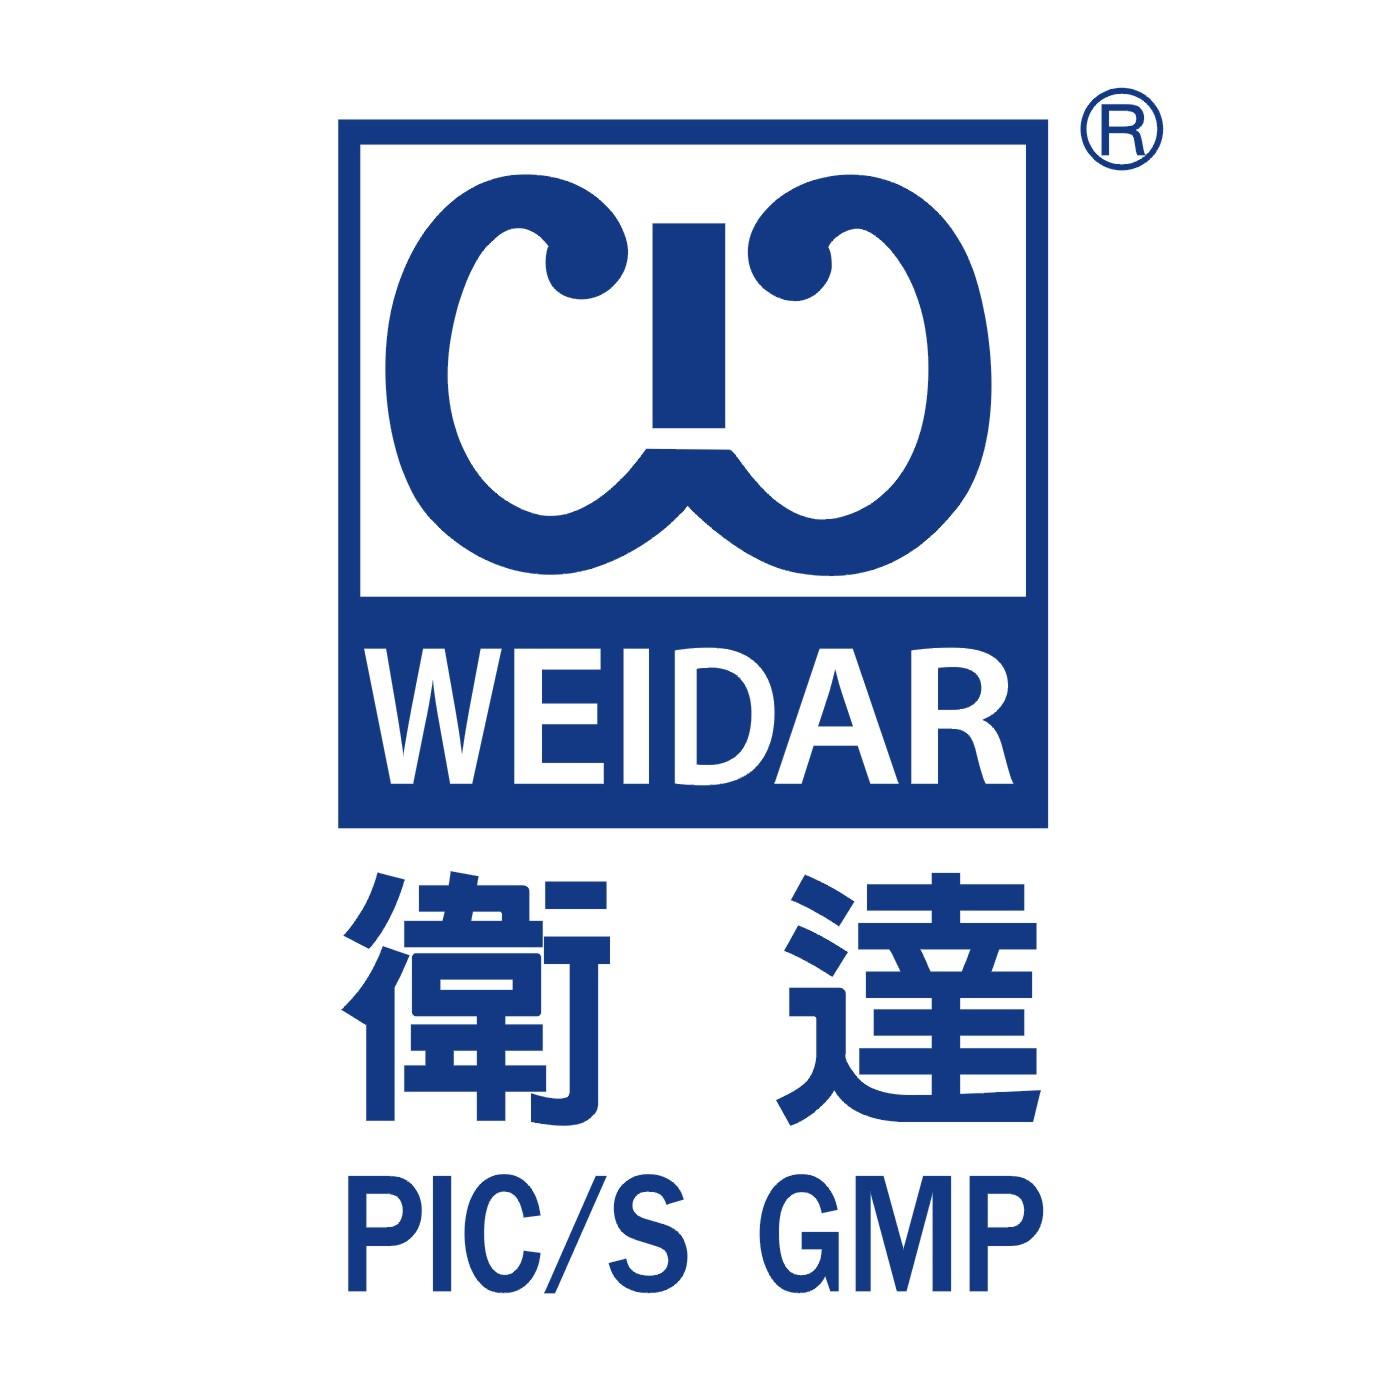 WEIDAR CHEM. & PHARM. CO., LTD.